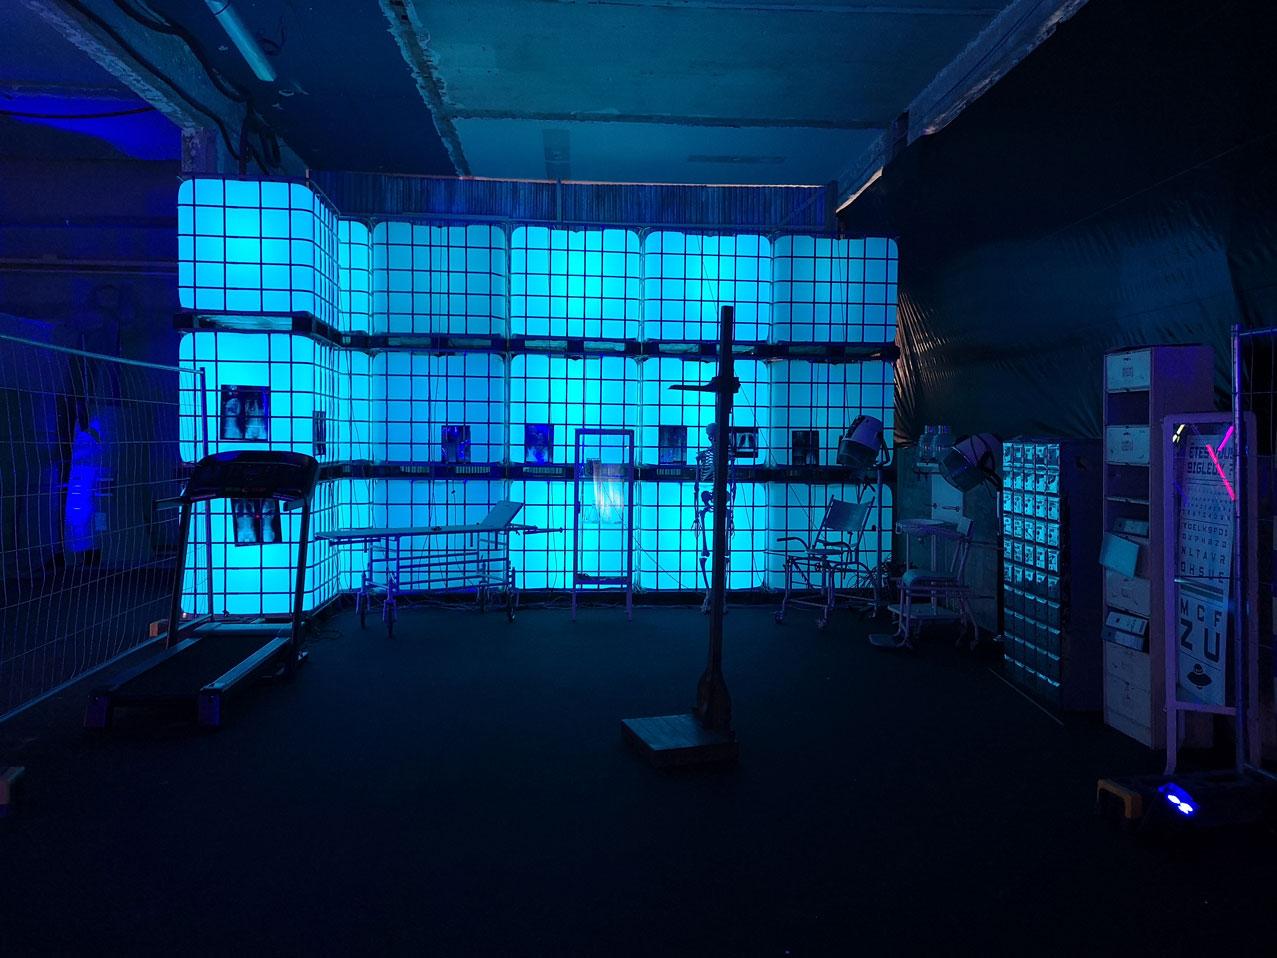 Décoration personnalisée en LED NEON thematique espace